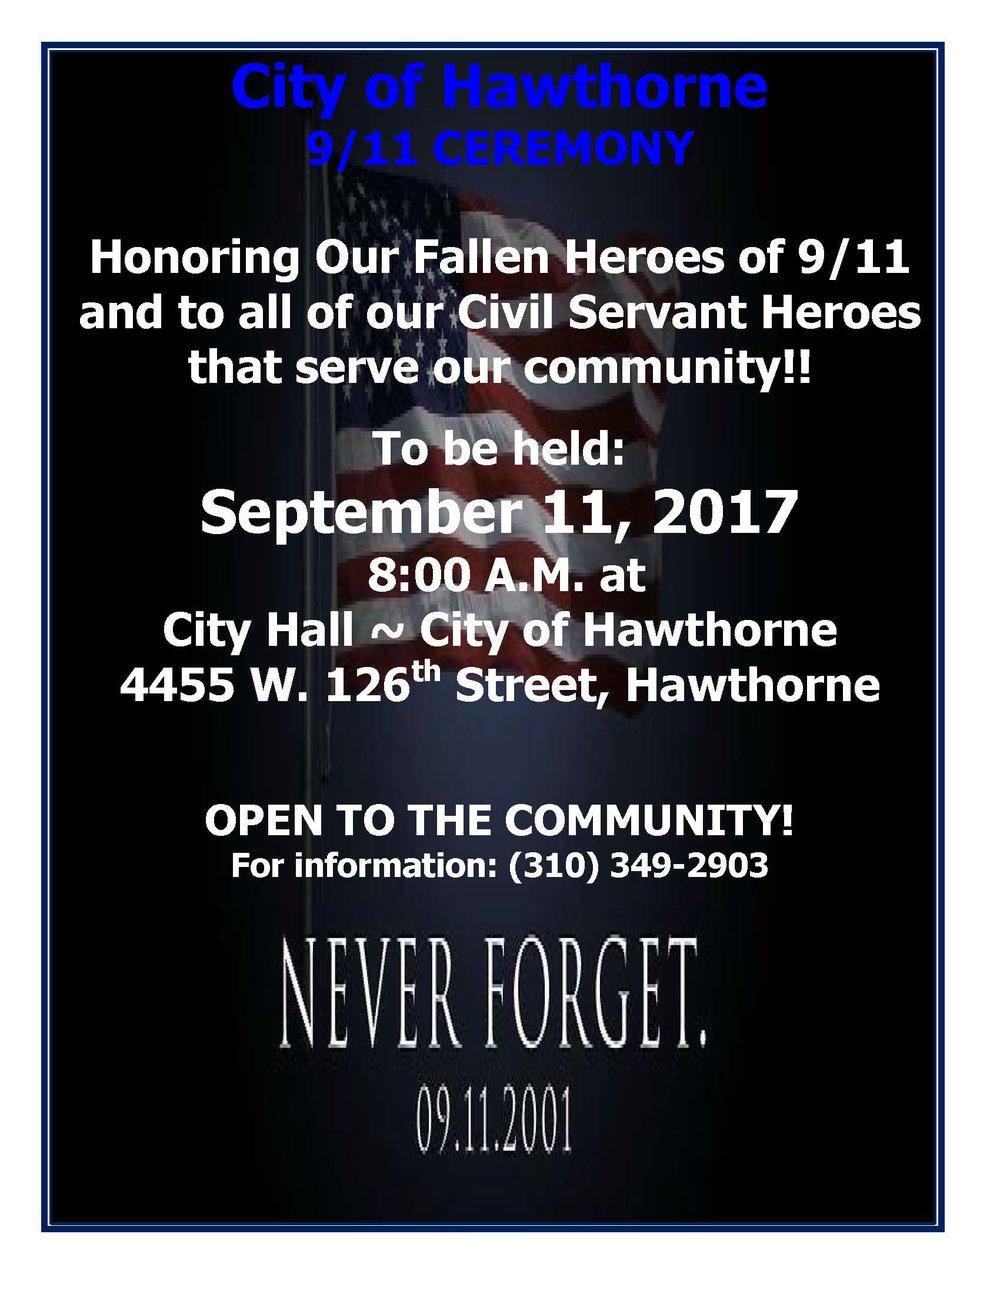 City of Hawthorne 9/11 Ceremony